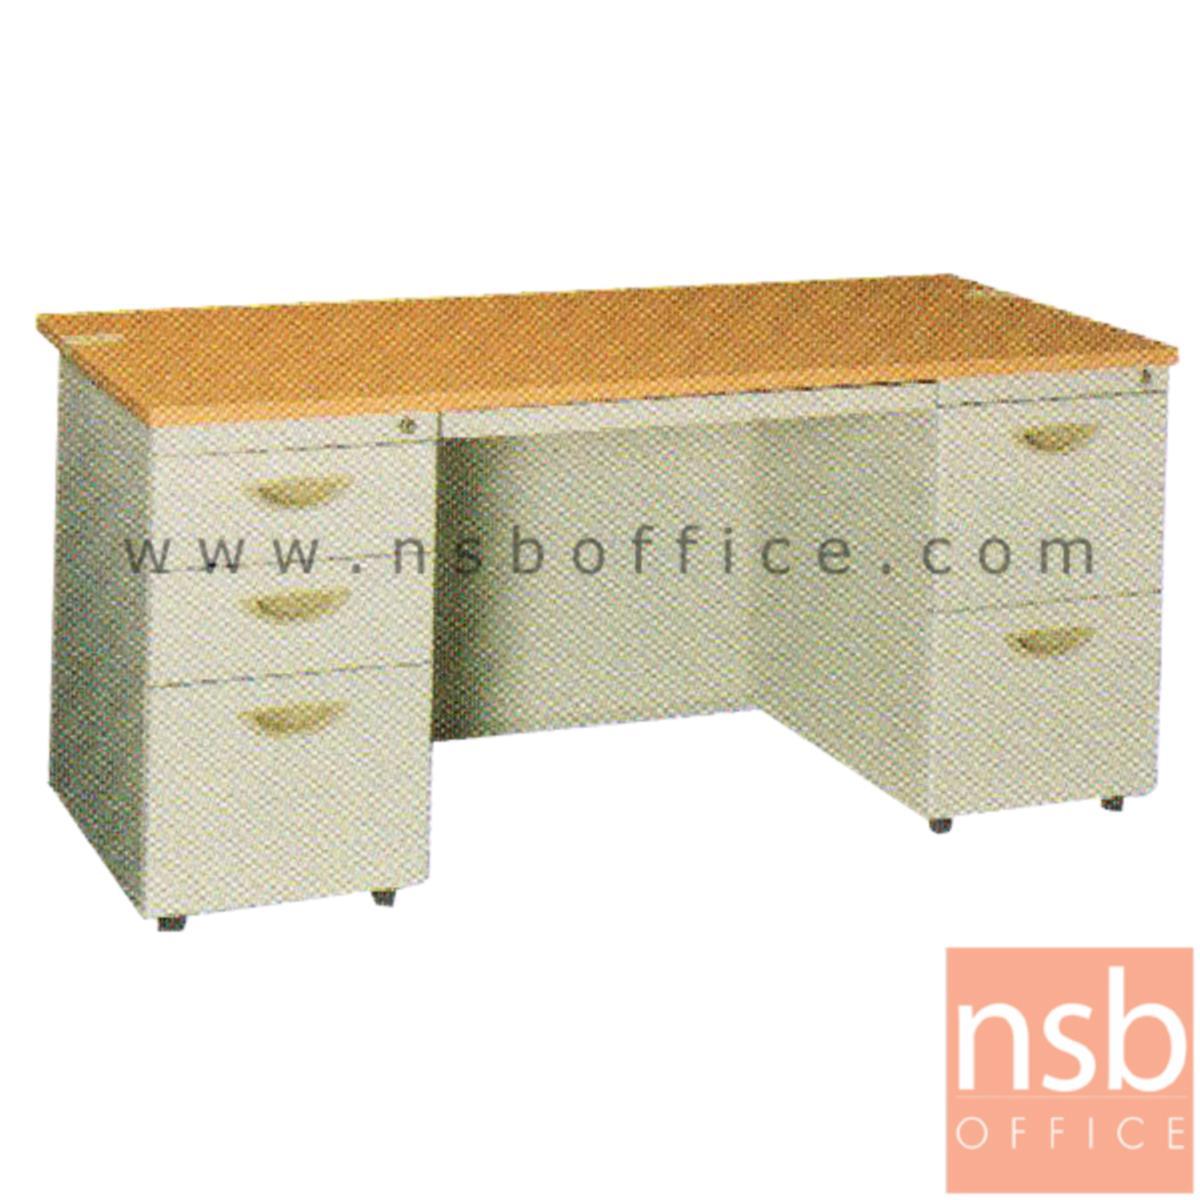 E28A115:โต๊ะทำงานเหล็กพร้อมรางคีย์บอร์ด 5 ลิ้นชักข้าง  ยี่ห้อ Lucky รุ่น D32,D23